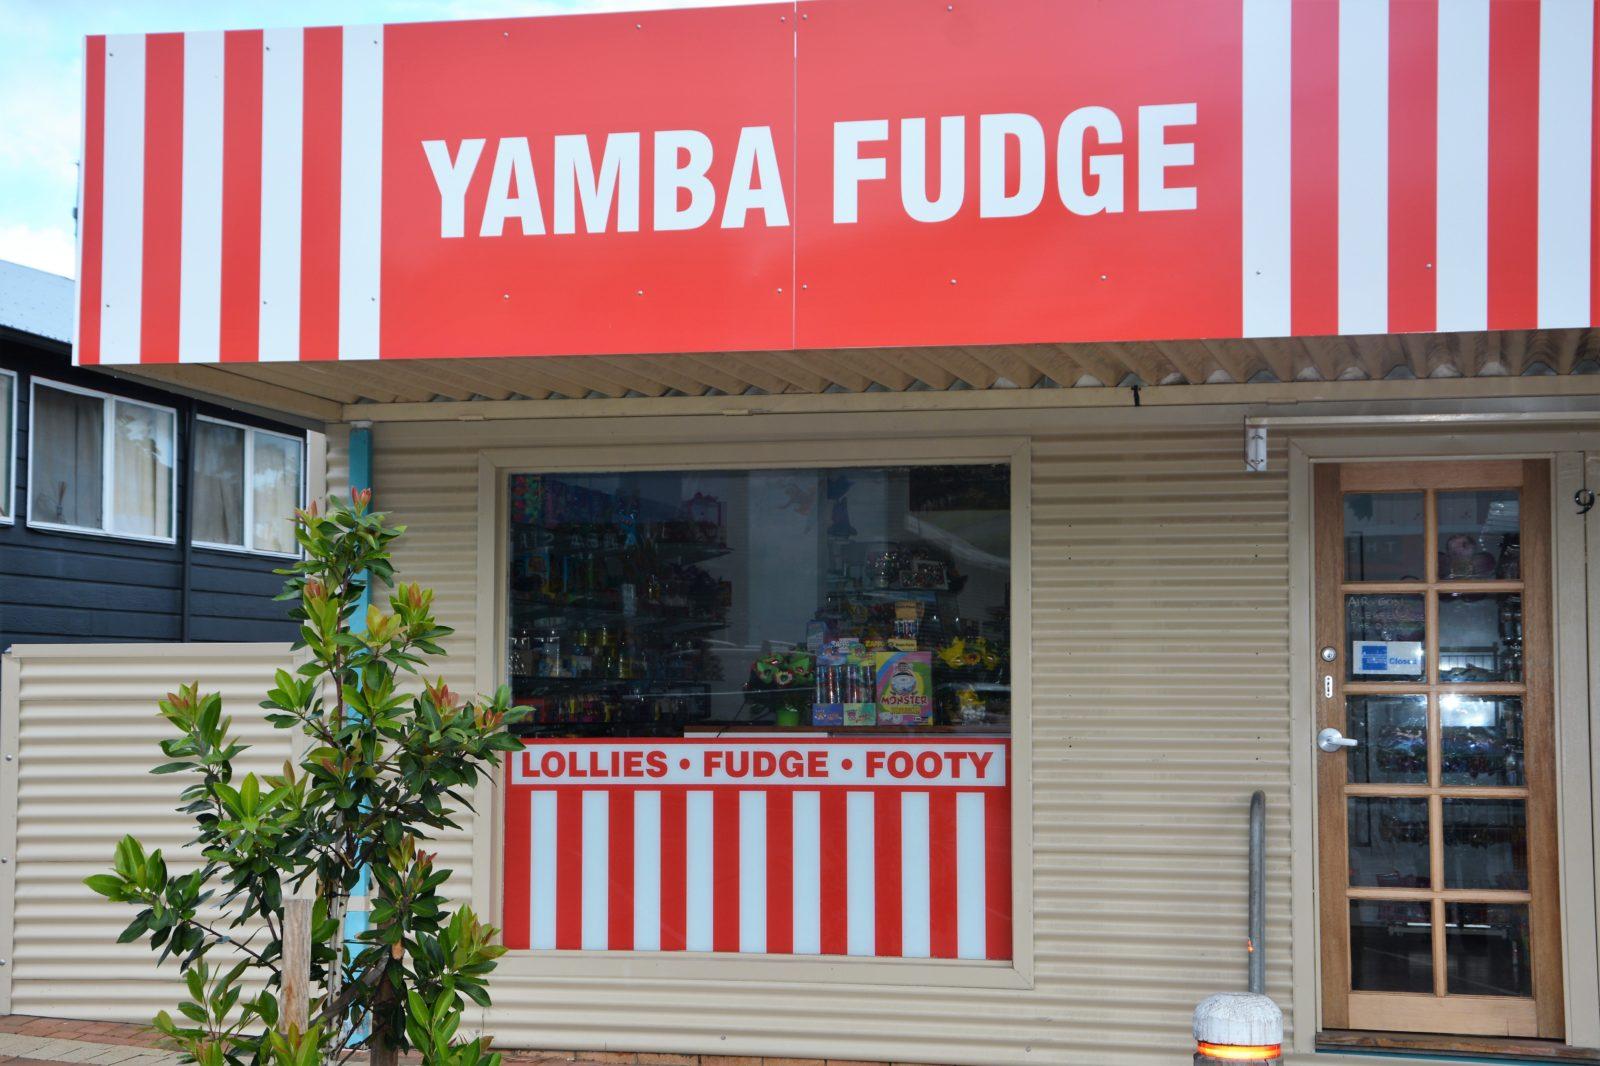 Yamba Fudge